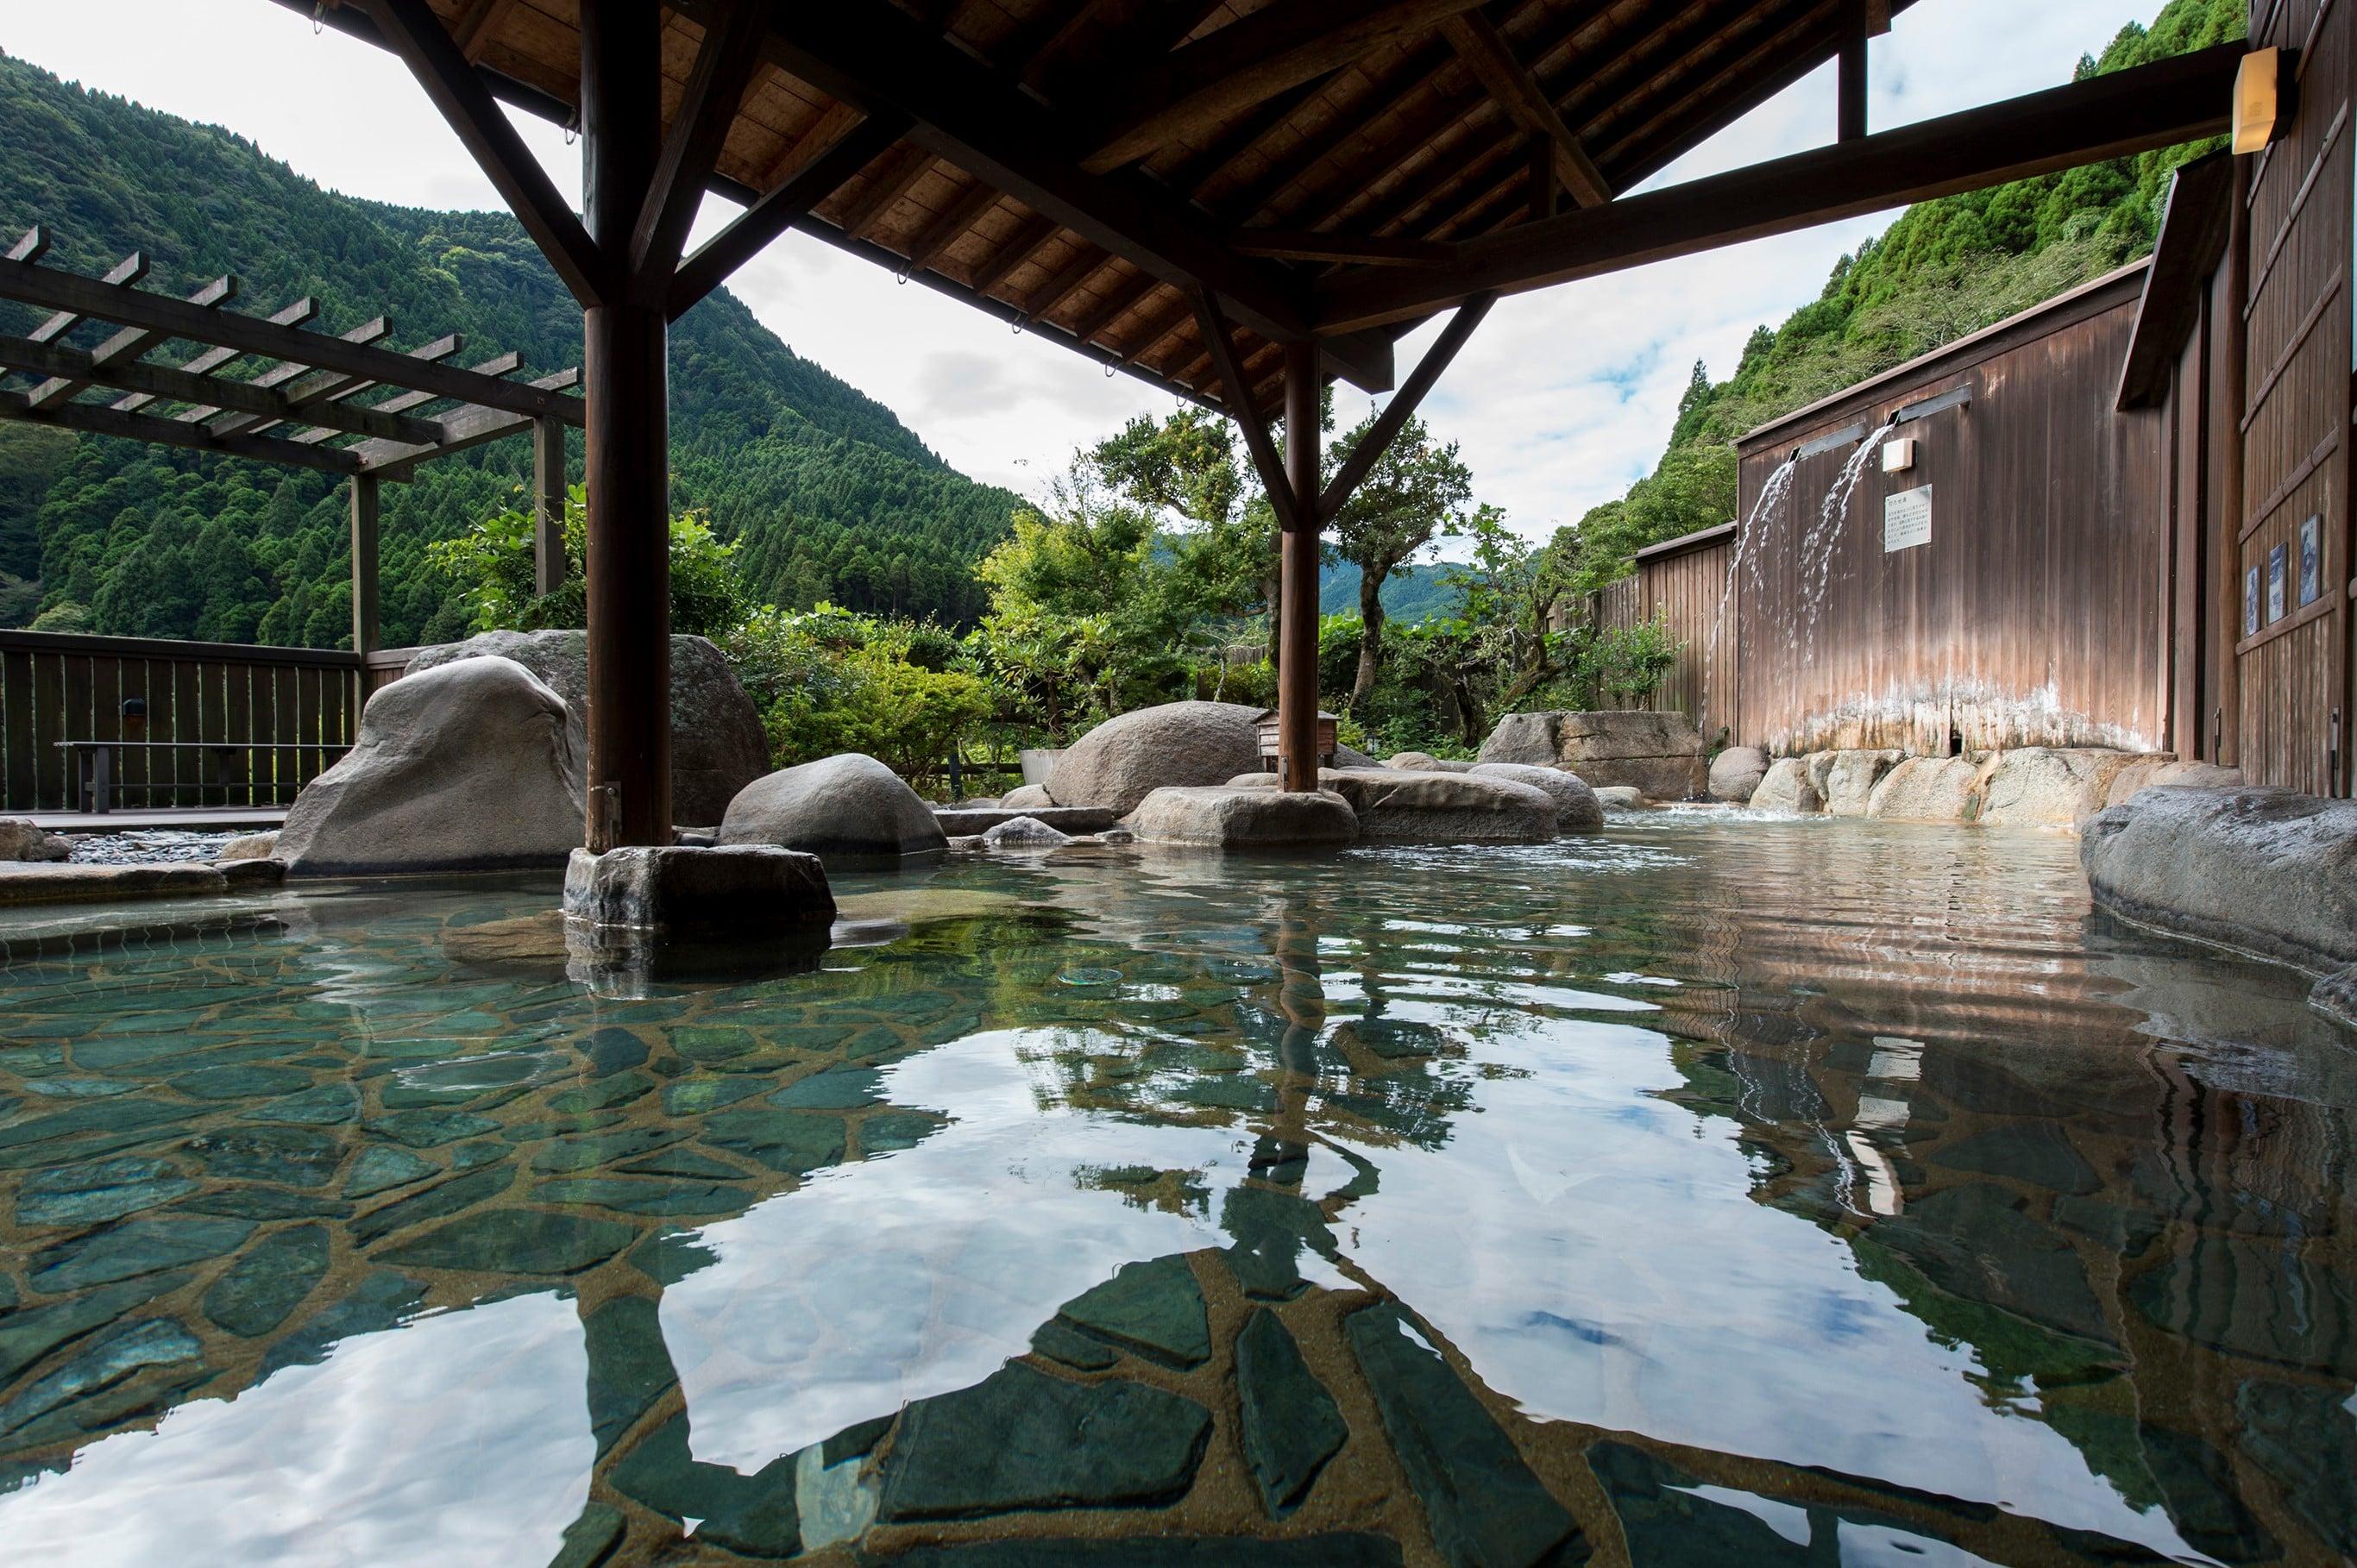 泉温38℃のぬる湯で知られる古湯温泉。自然の中でゆったりとつかる湯処「SHIORI/しおり」